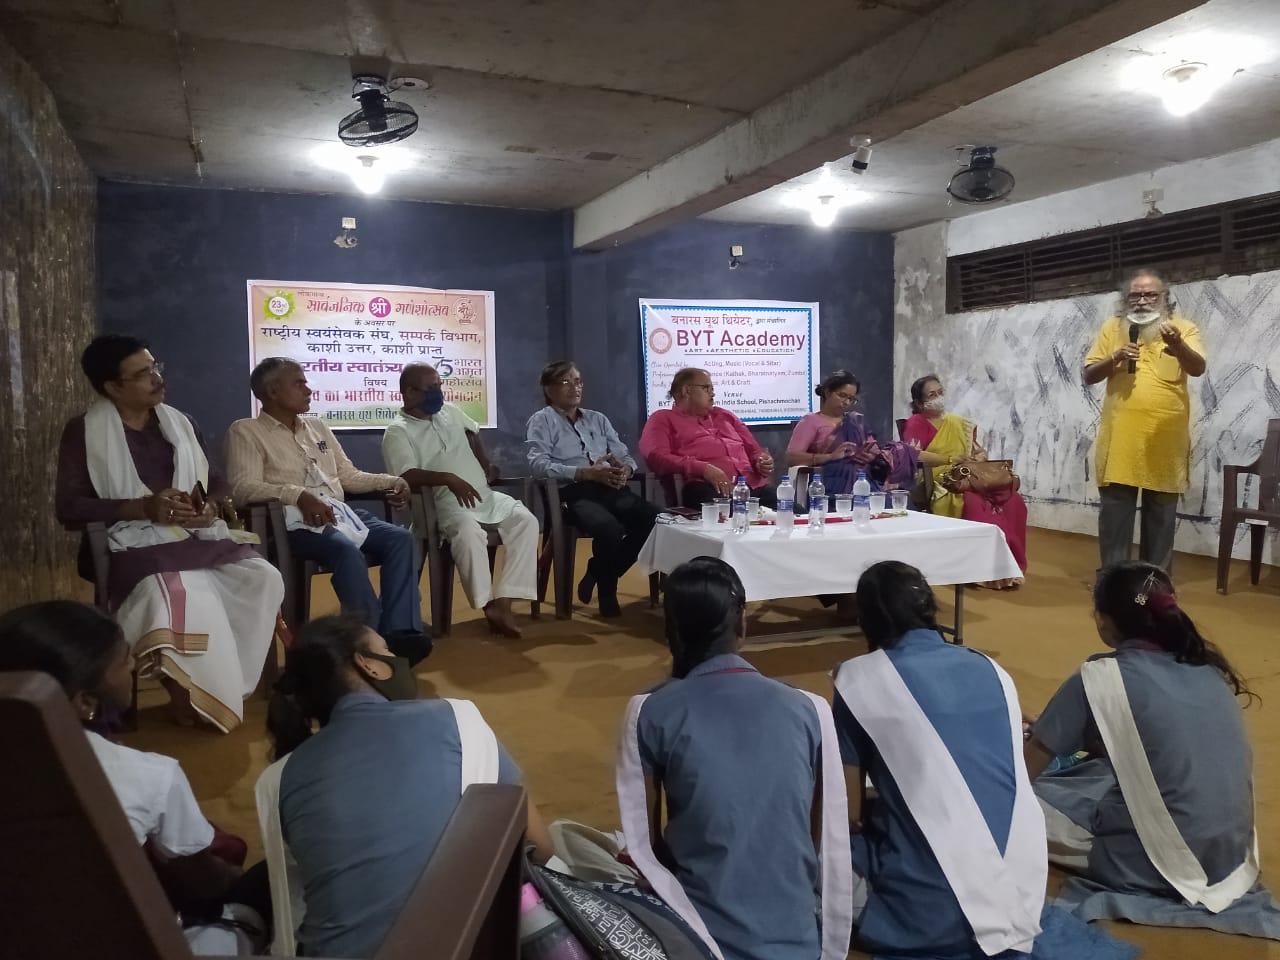 वाराणसी डेस्क /राष्ट्रीय स्वयंसेवक संघ, संपर्क विभाग के साथ आयोजित 'गणेशोत्सव का भारतीय स्वातंत्र्य में योगदान' विषयक गोष्ठी का आयोजन